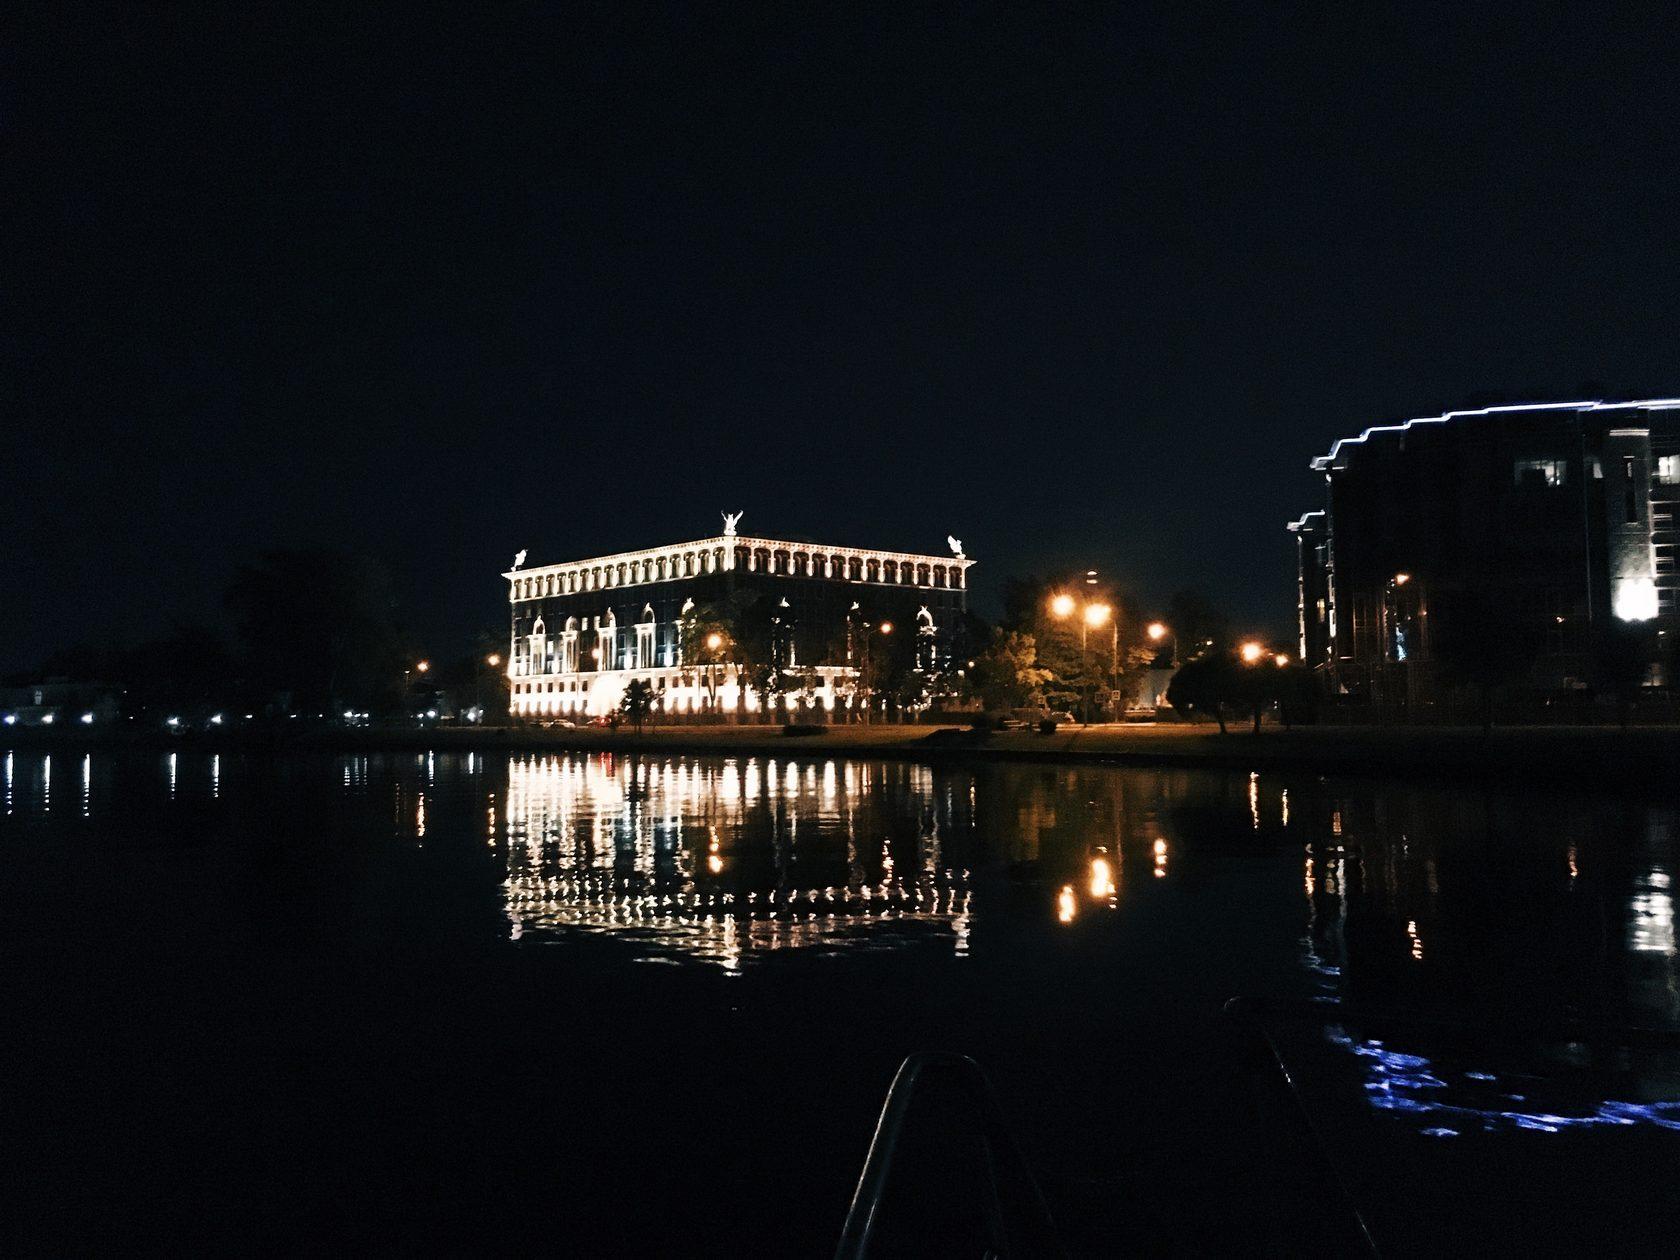 части света, как сделать фото ночью на фотоаппарате извлечет жесткий